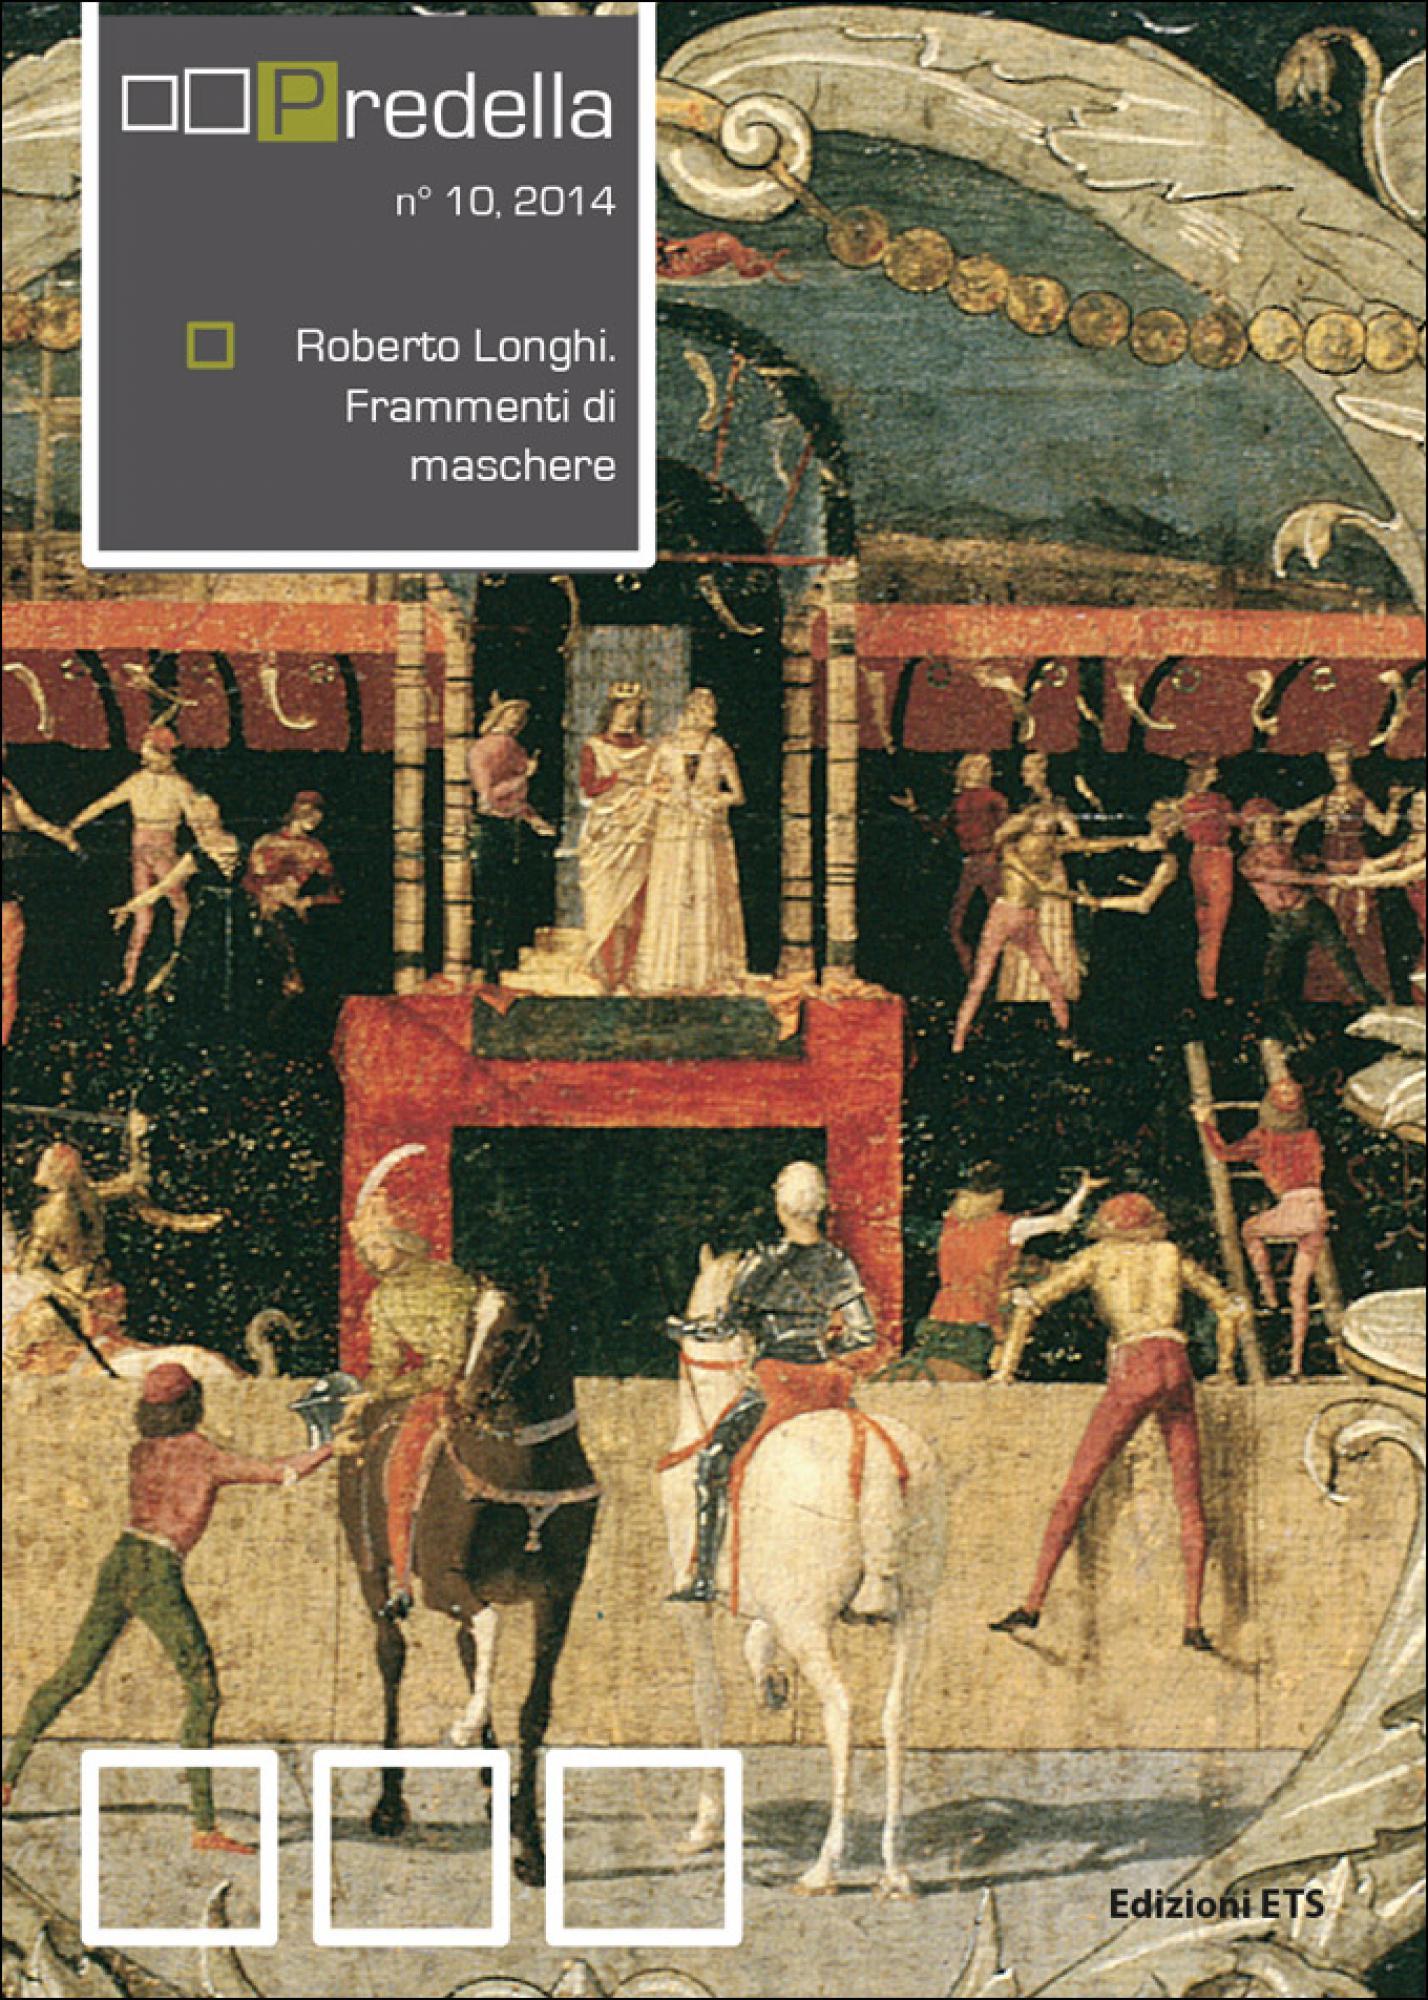 Roberto Longhi. Frammenti di maschere.predella / monografie, n°10